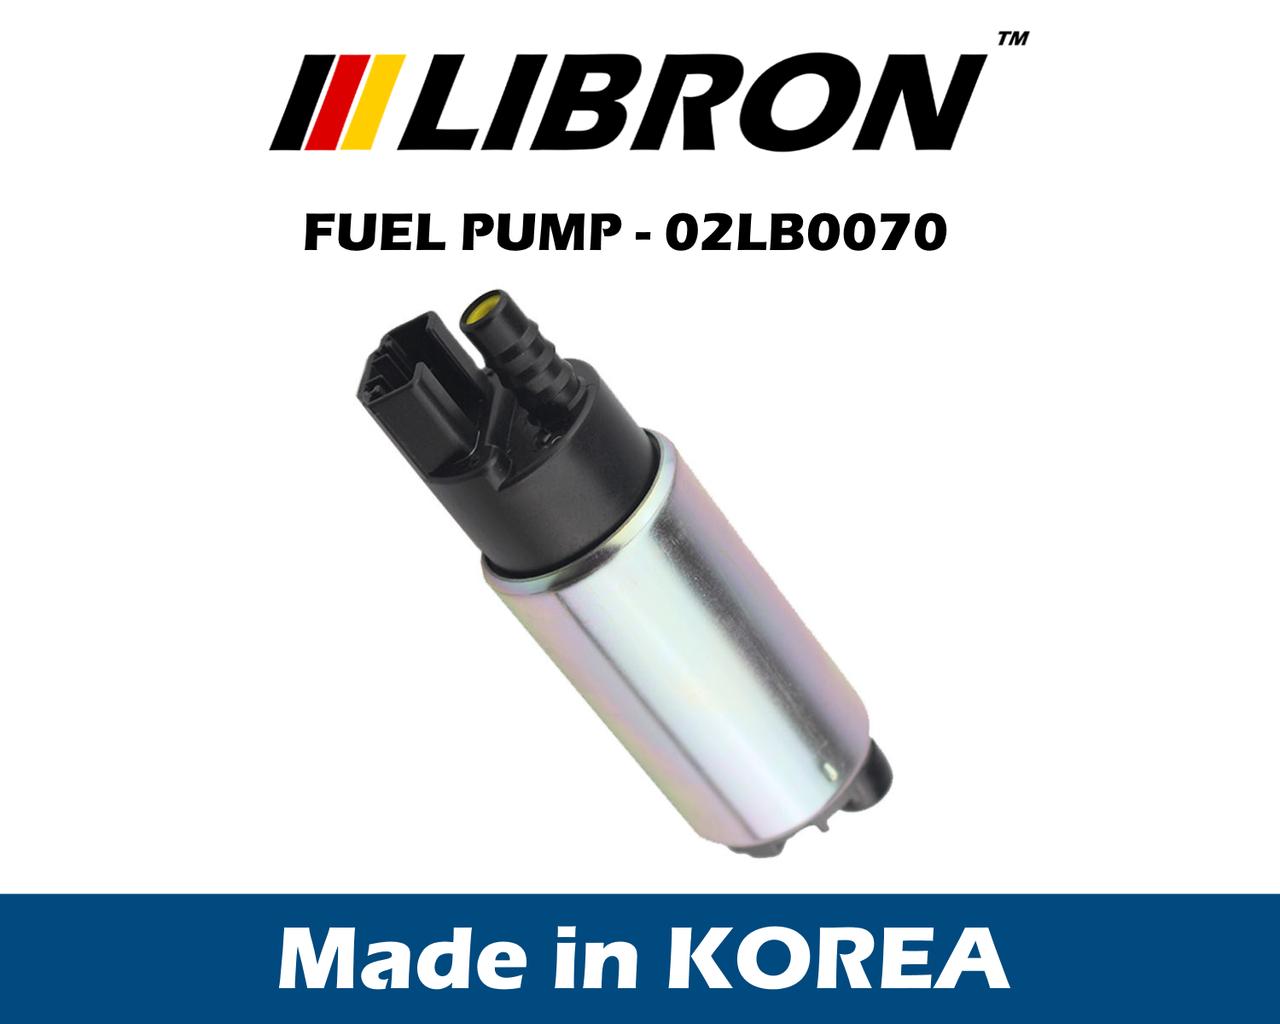 Топливный насос LIBRON 02LB0070 - INFINITI I30 (1997-...)